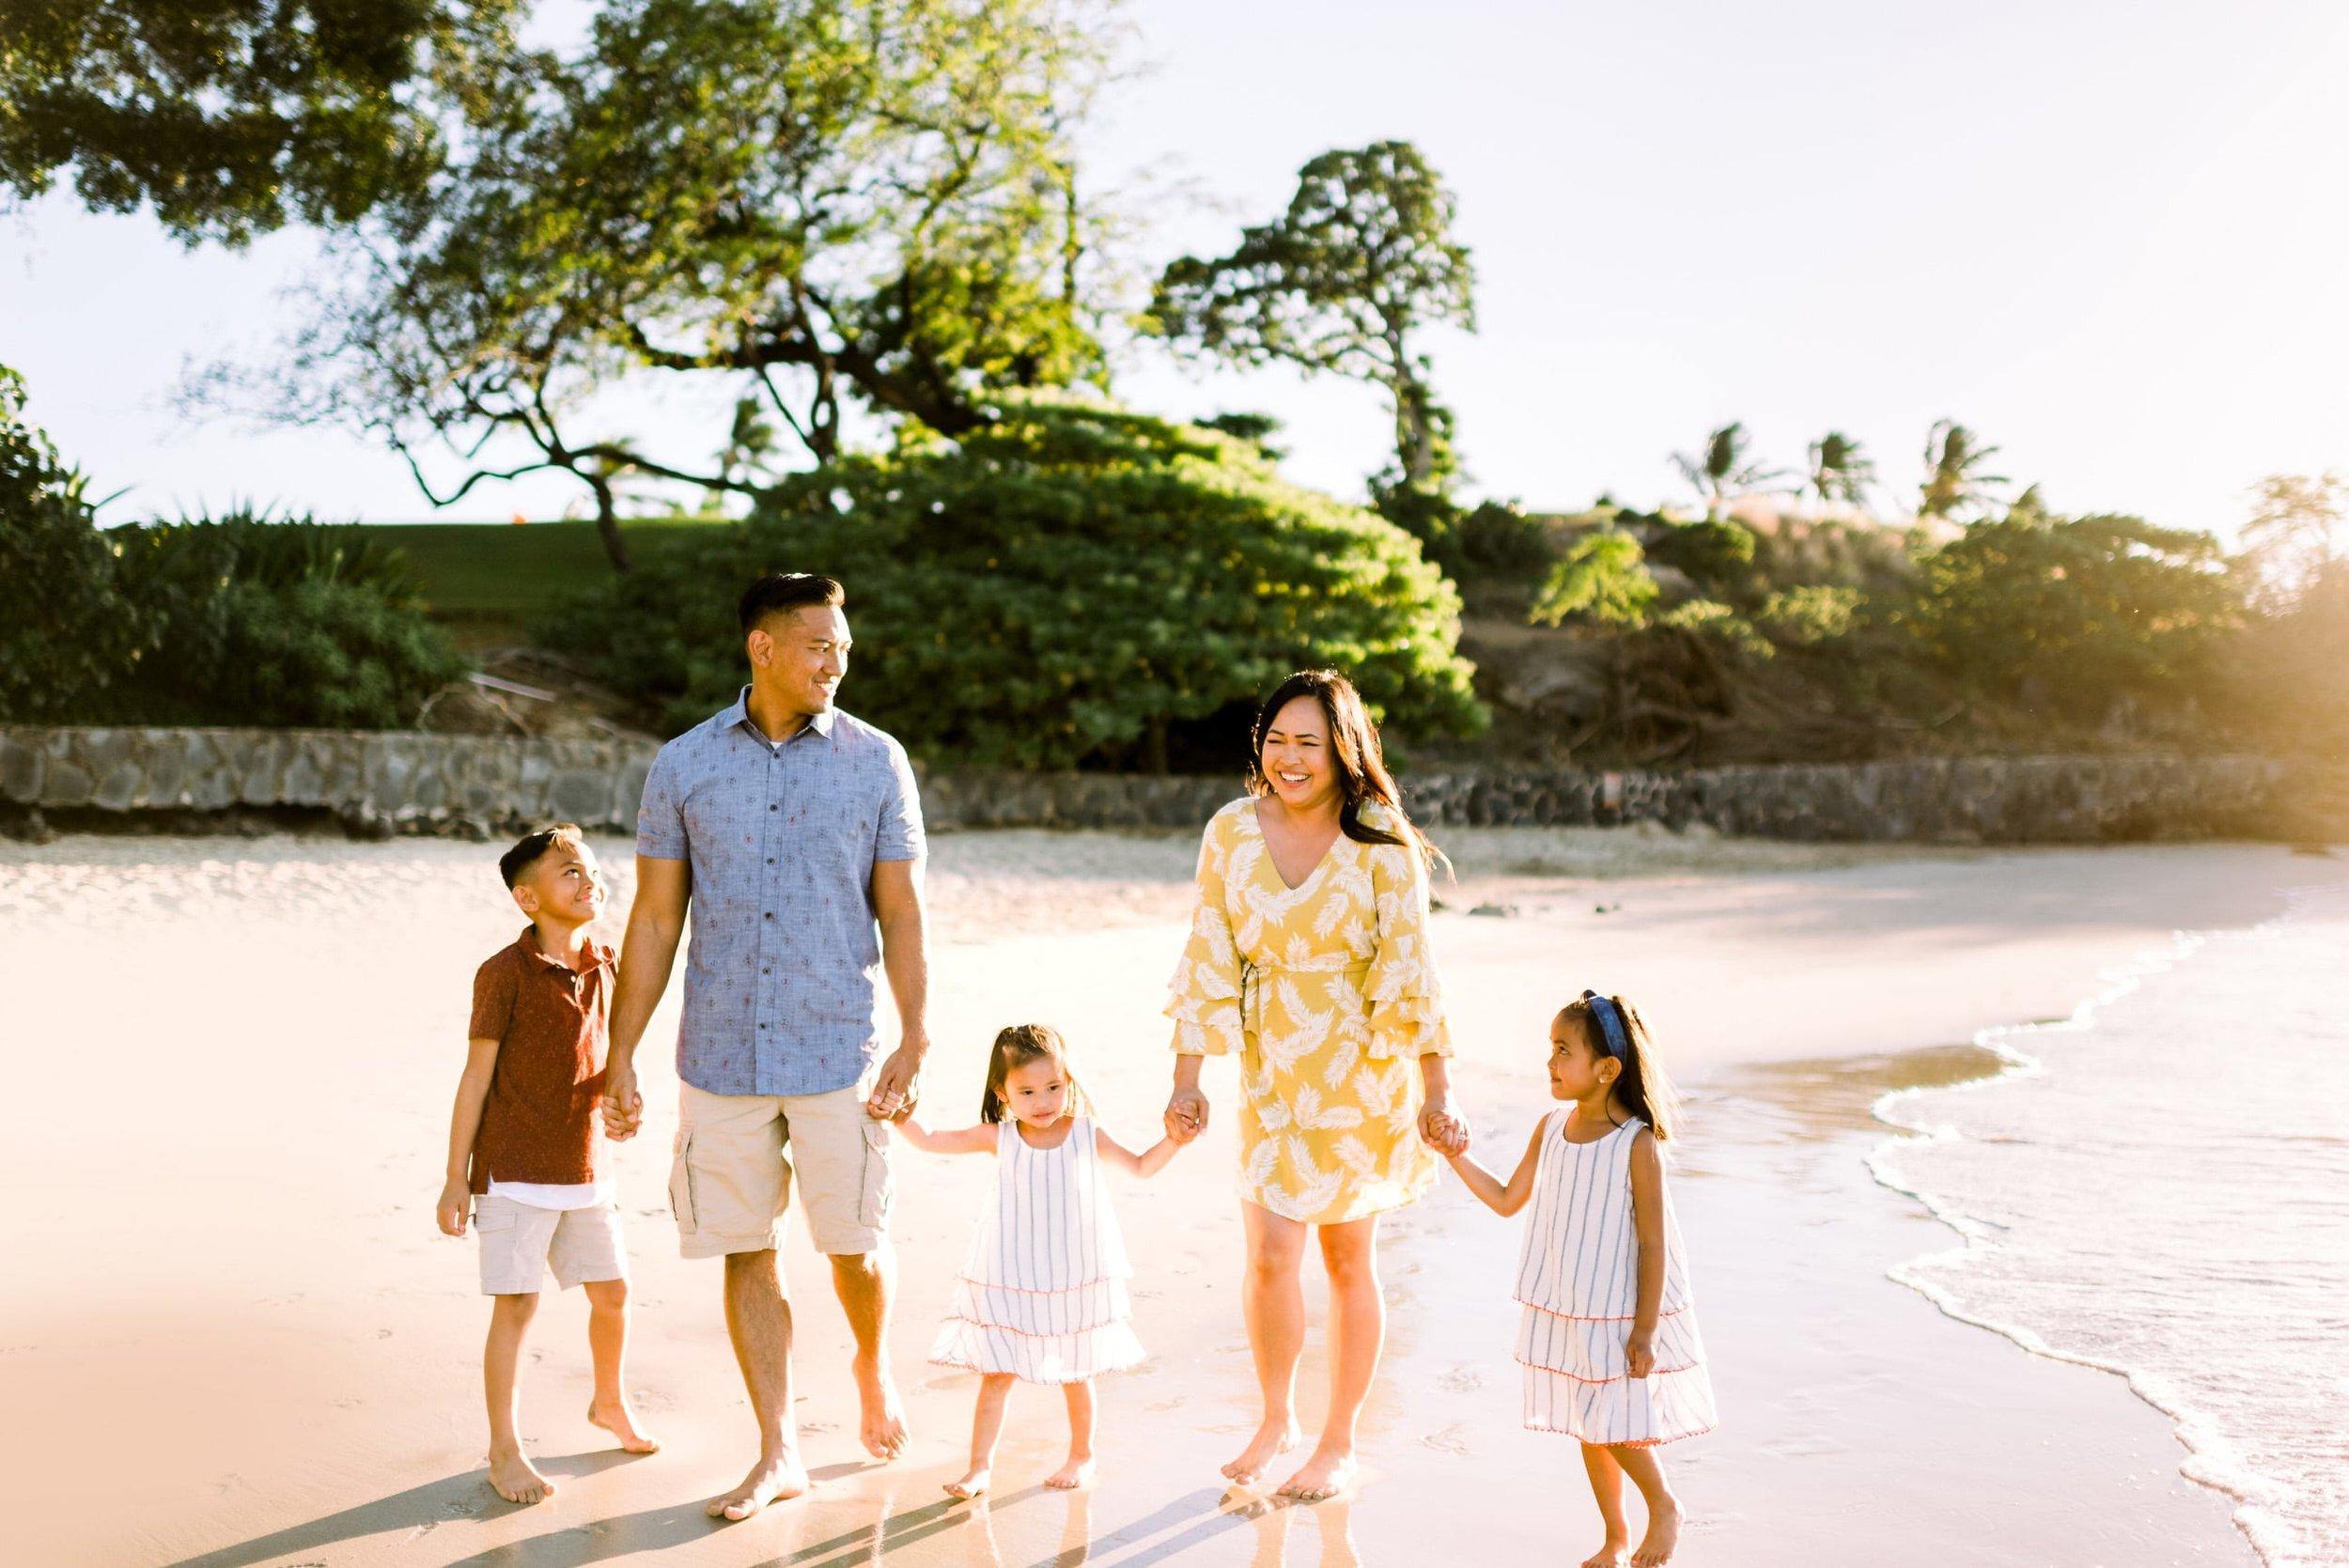 Mauna-Kea-Family-Photographer-Hawaii-Sunset-3.jpg